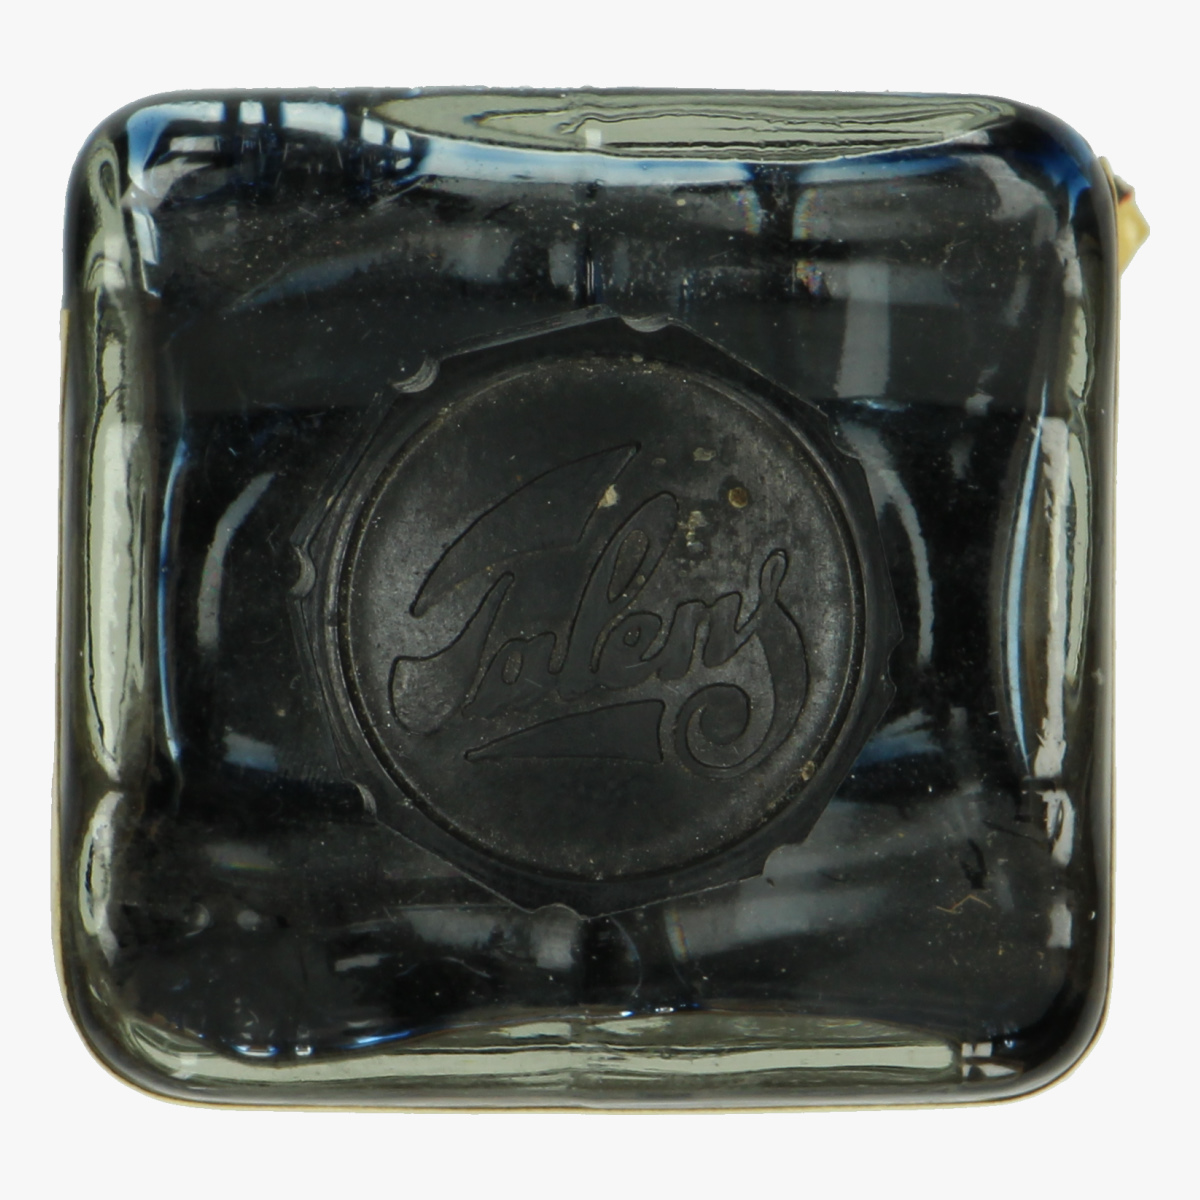 Afbeeldingen van Apoldro-Inkt Talens inktpotke